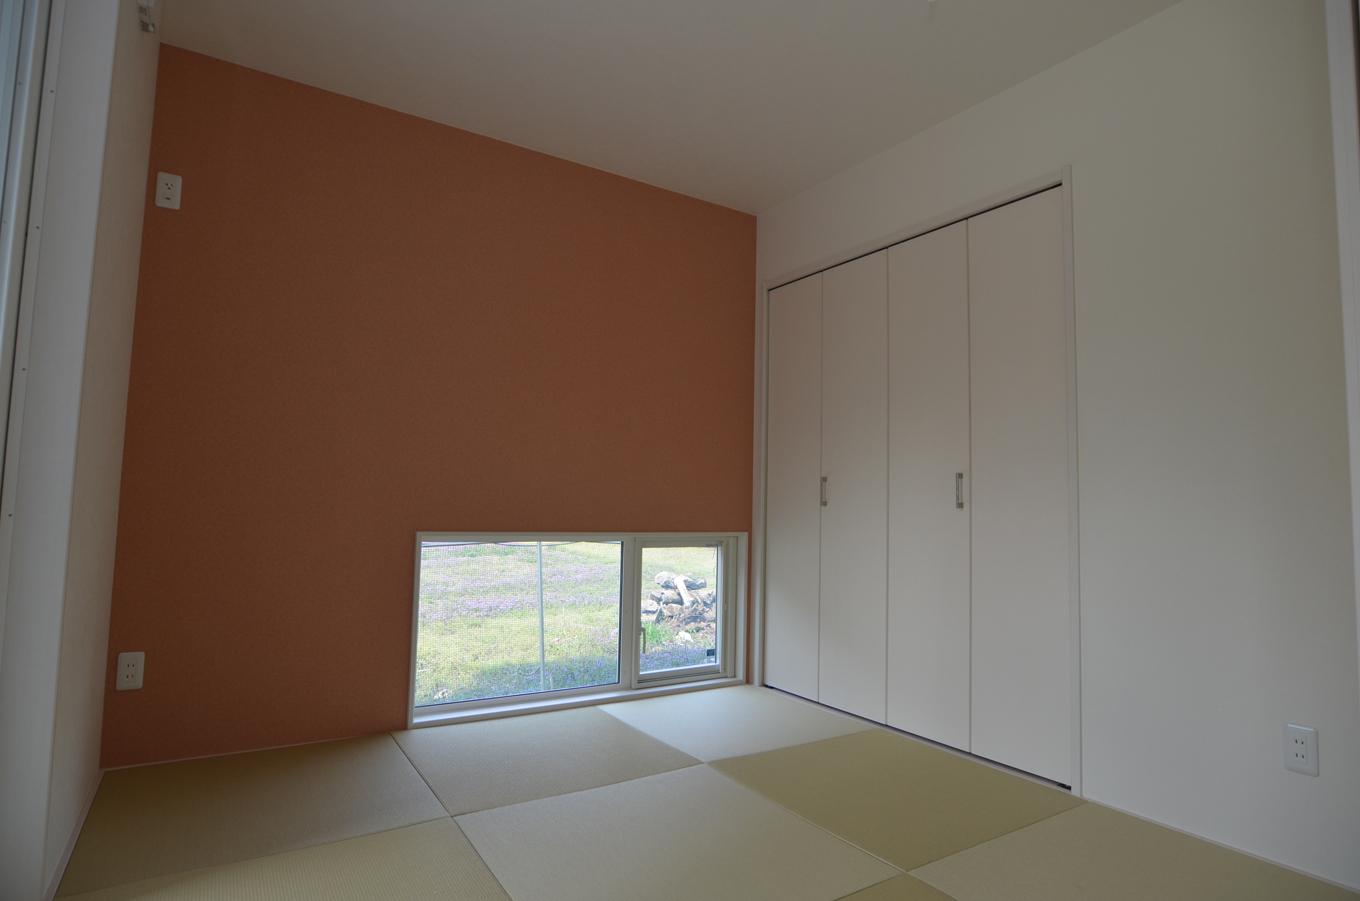 モダンなLDK横になじむ落ち着いた和室。畳の下も床暖房で暖かい